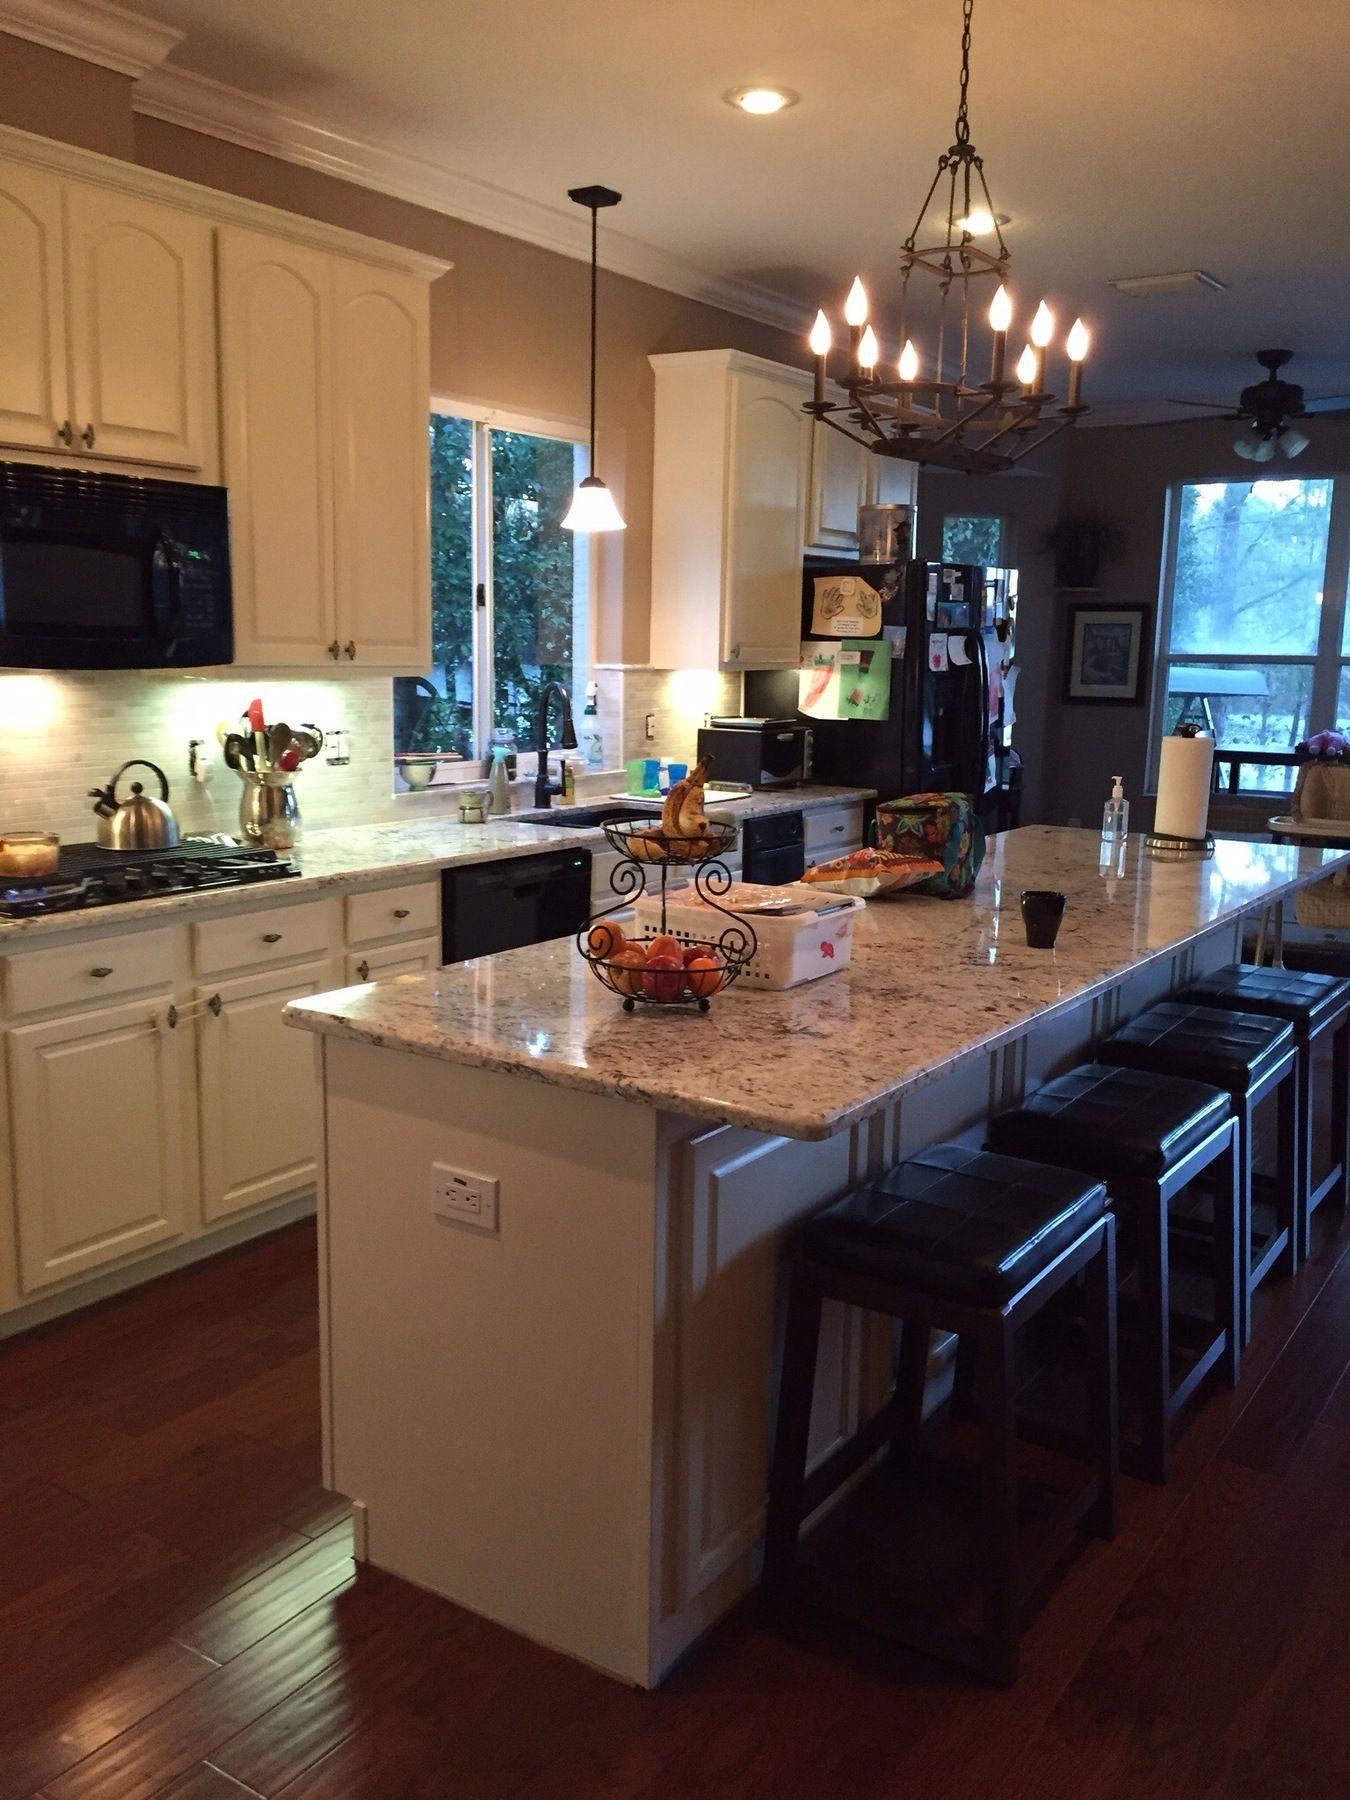 Milk Paint | Painting kitchen cabinets, Kitchen, Kitchen ...